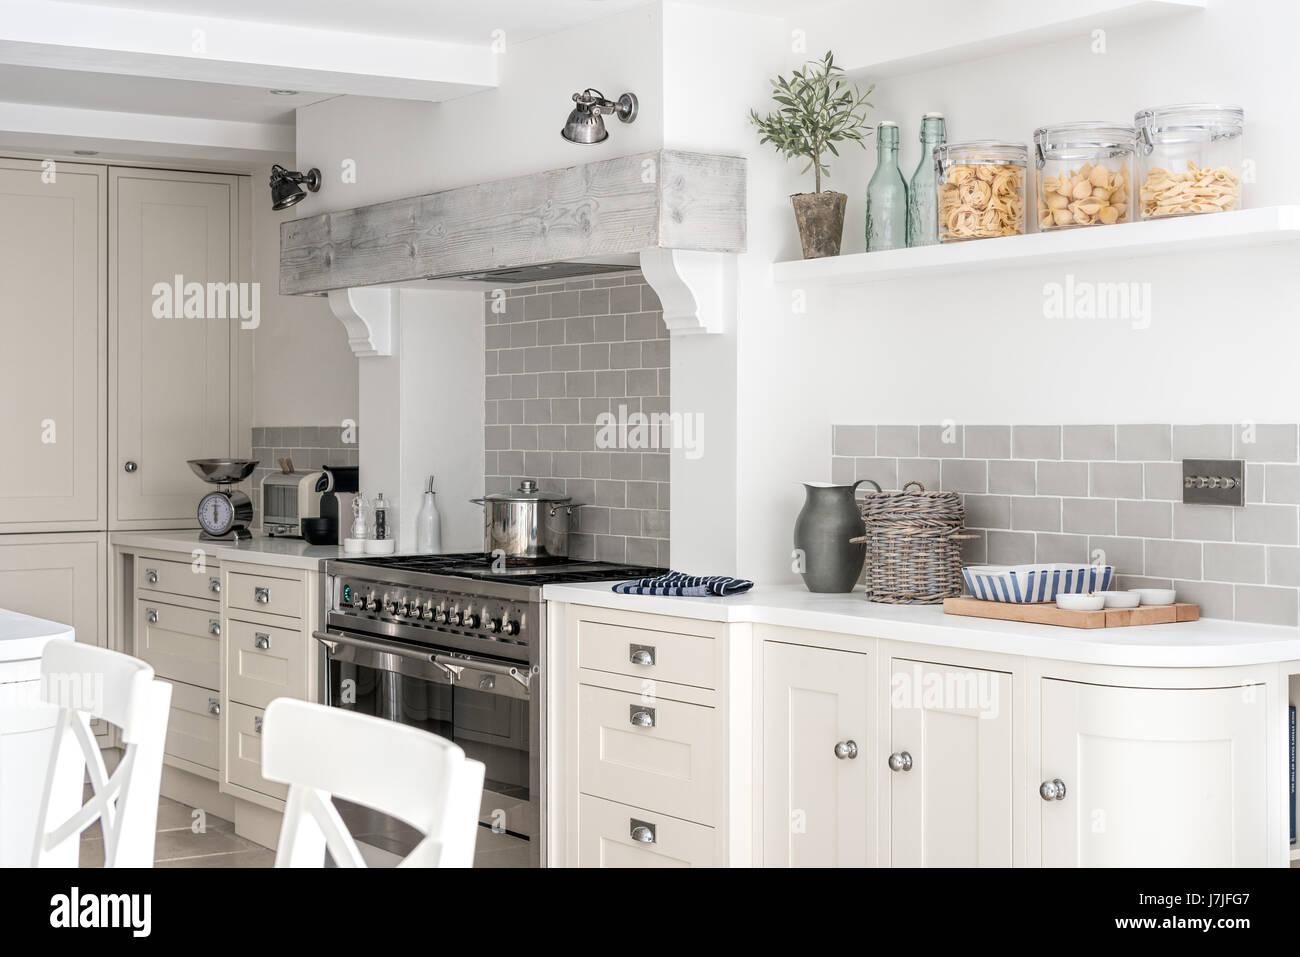 Come pulire bene le fughe e le piastrelle della cucina donnad